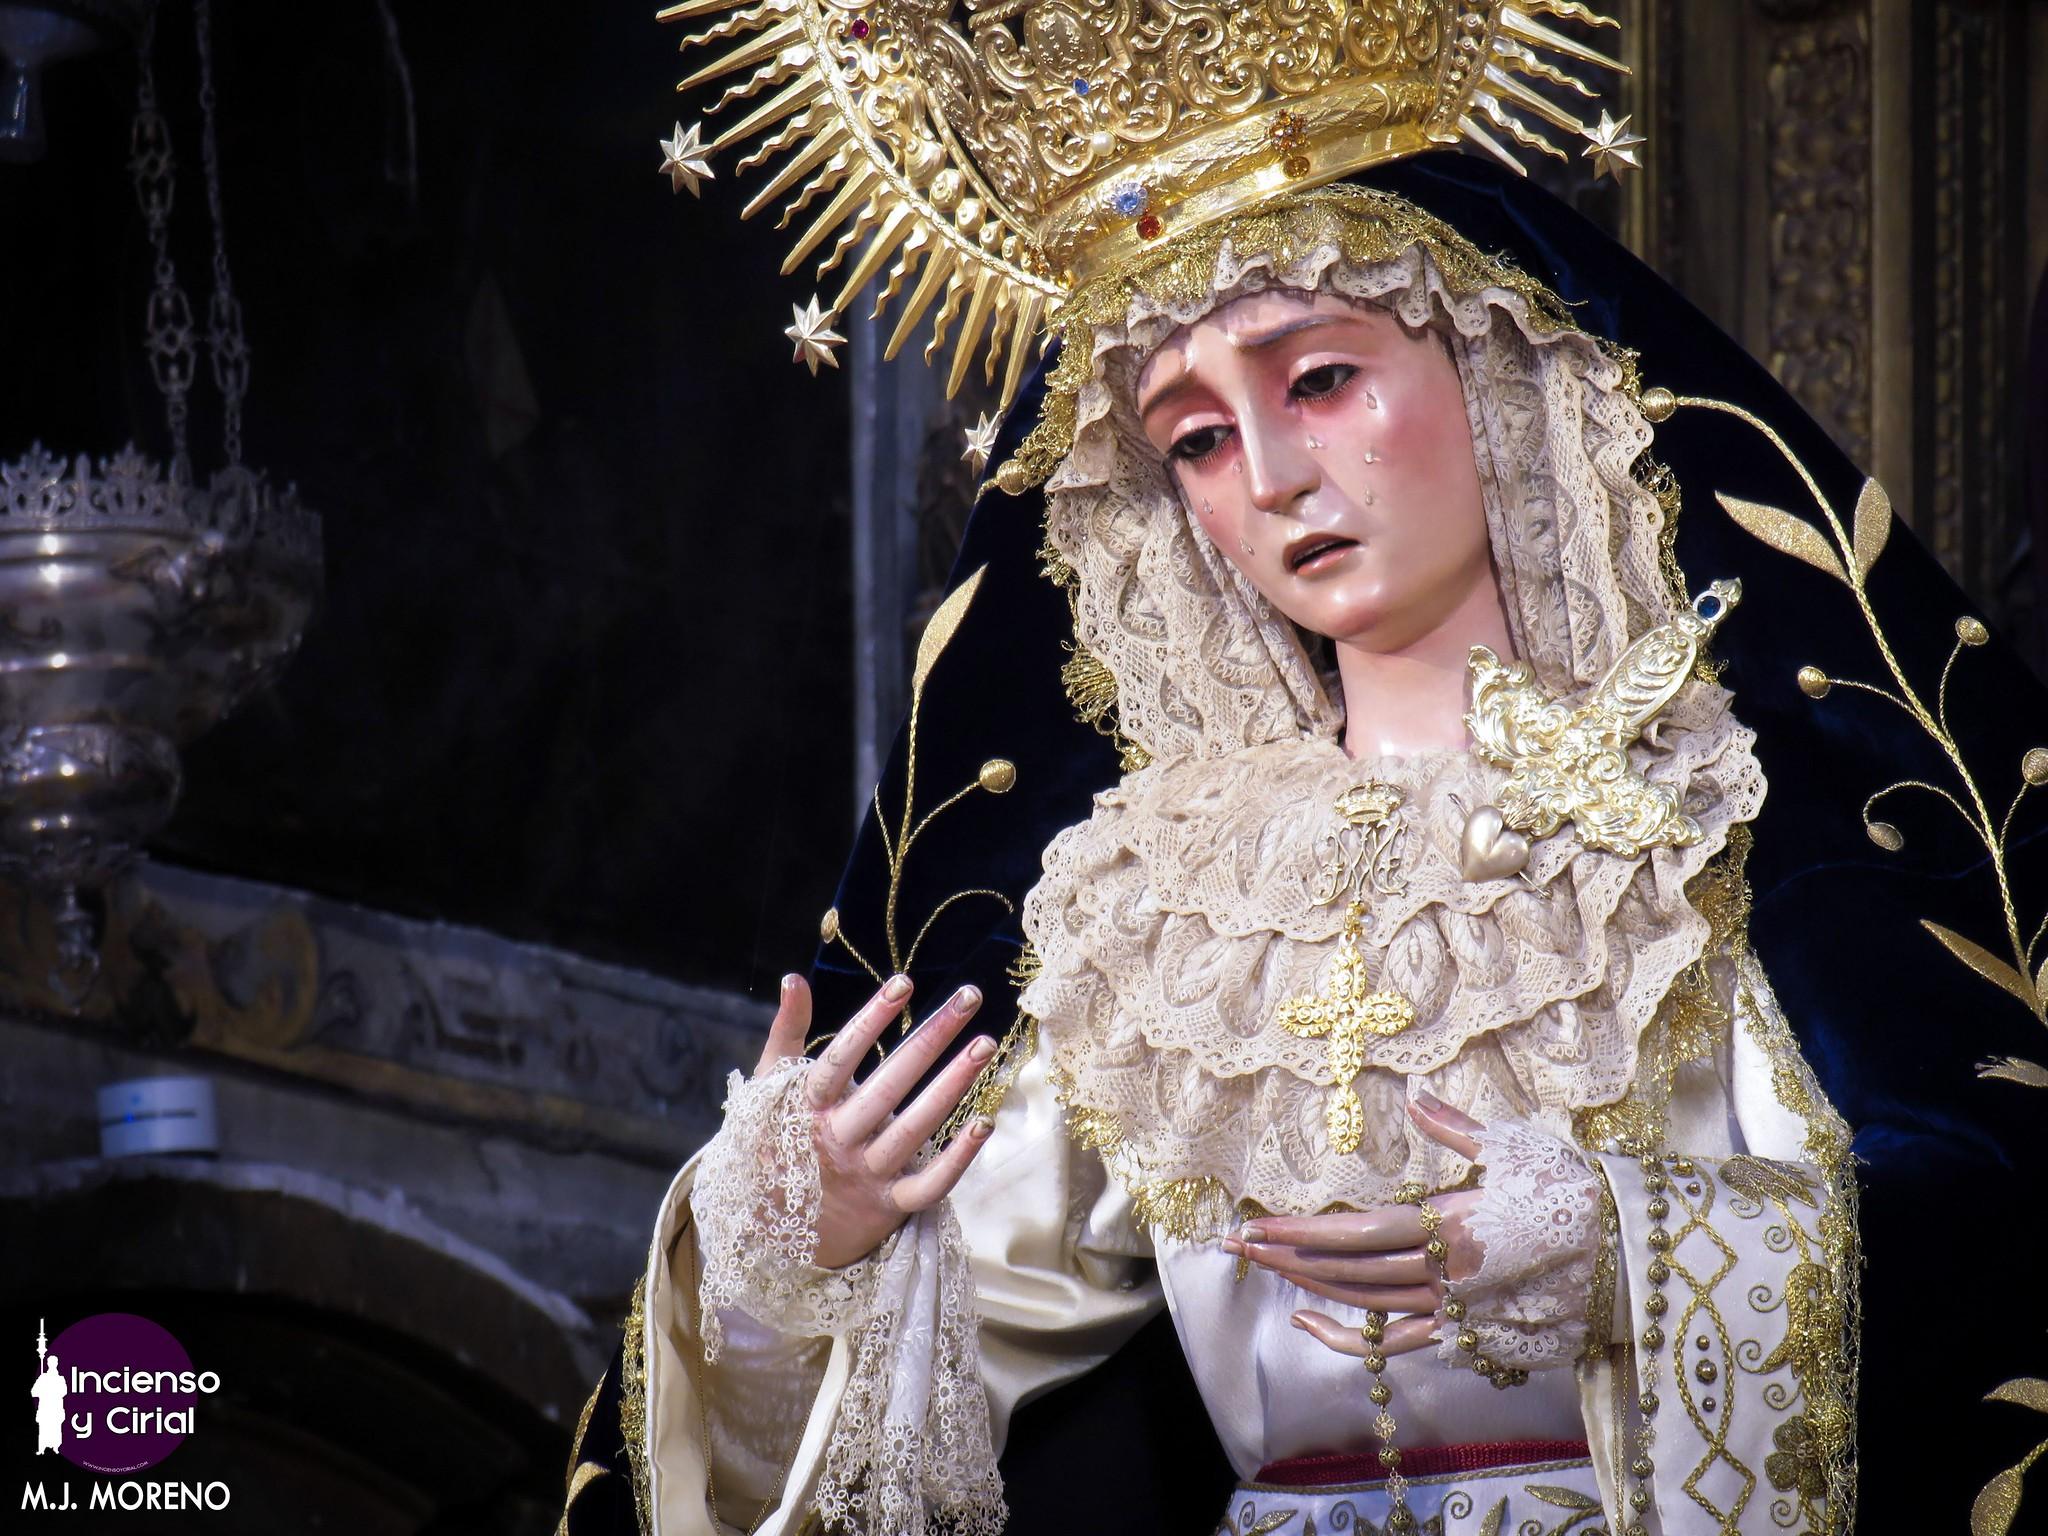 La Virgen del Subterráneo, para la festividad de la Realeza de María, en imágenes